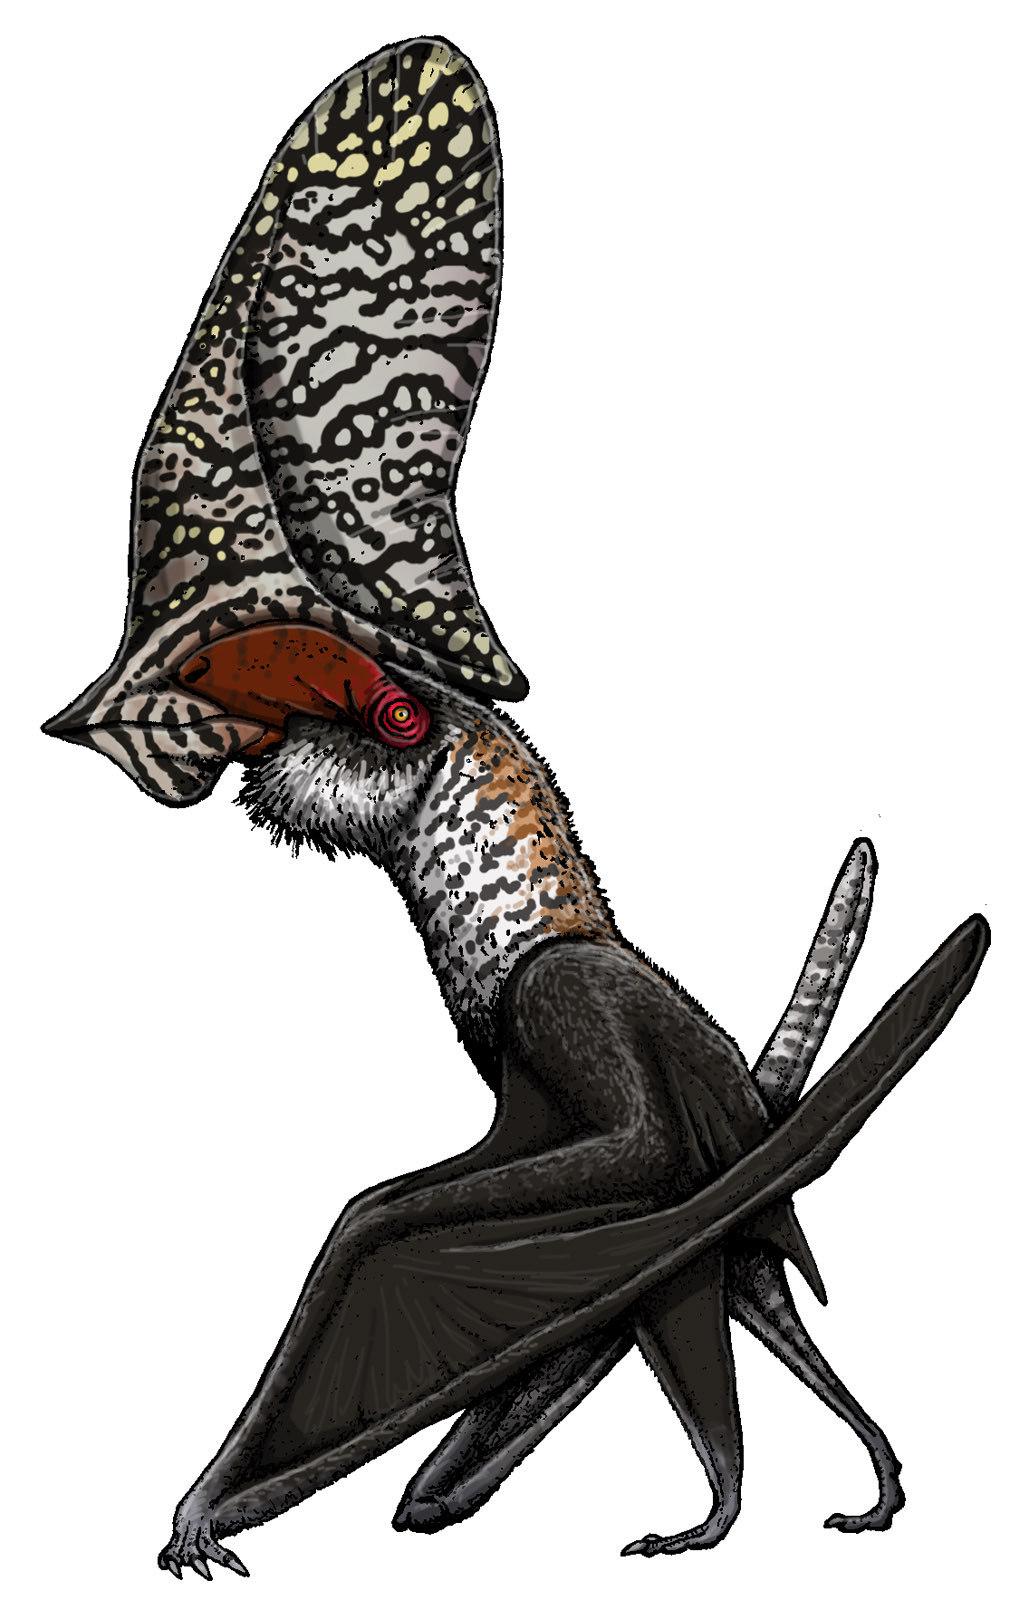 Caiuajara dobruskii, uma espécie menor de pterossauro, atingia cerca de 2,80 metros